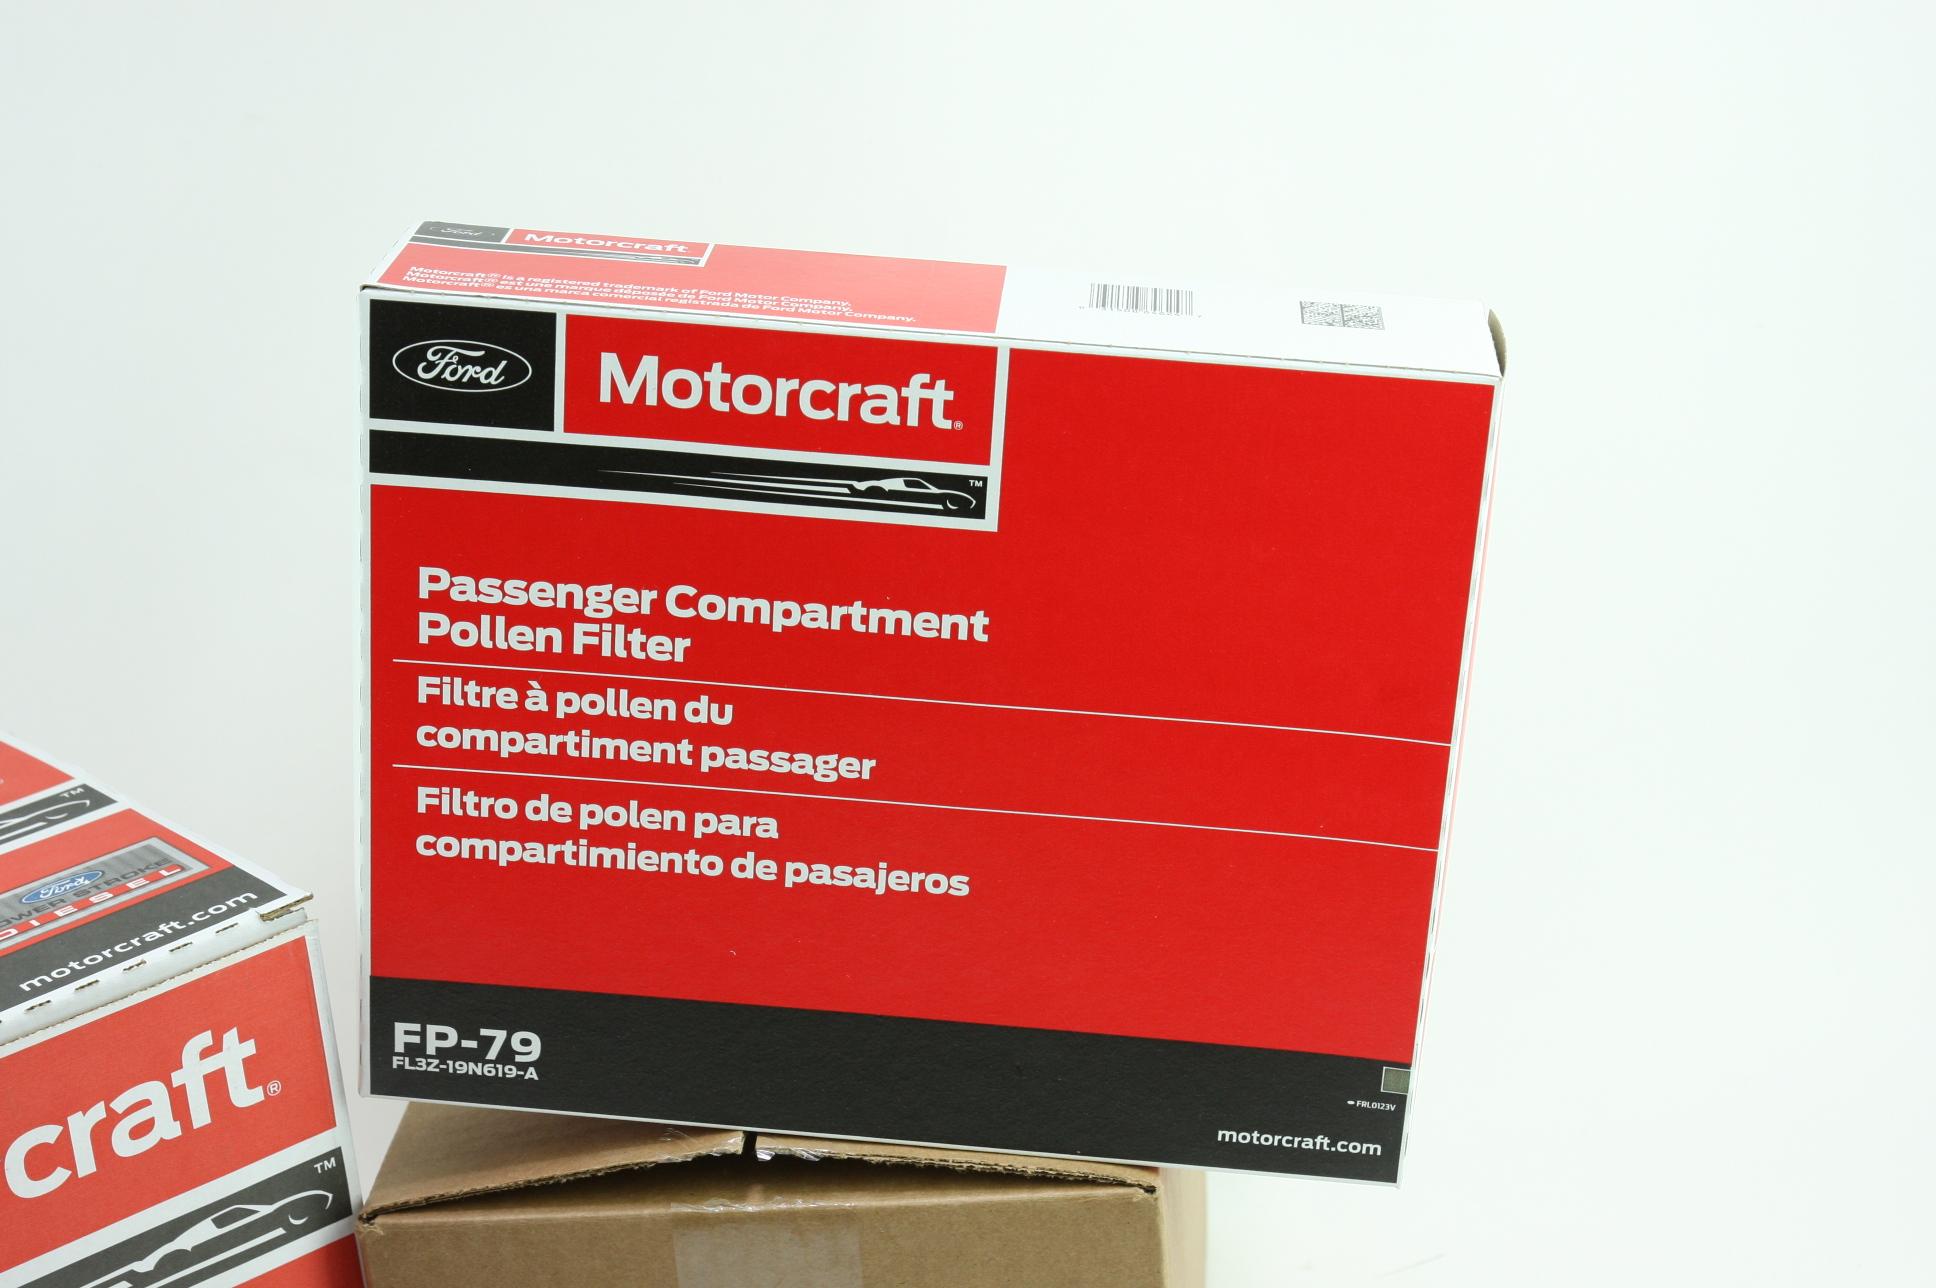 OEM Ford Diesel Engine & Cabin & Fuel Filter Kit Motorcraft FD4625 FA1927 FP79 - image 9